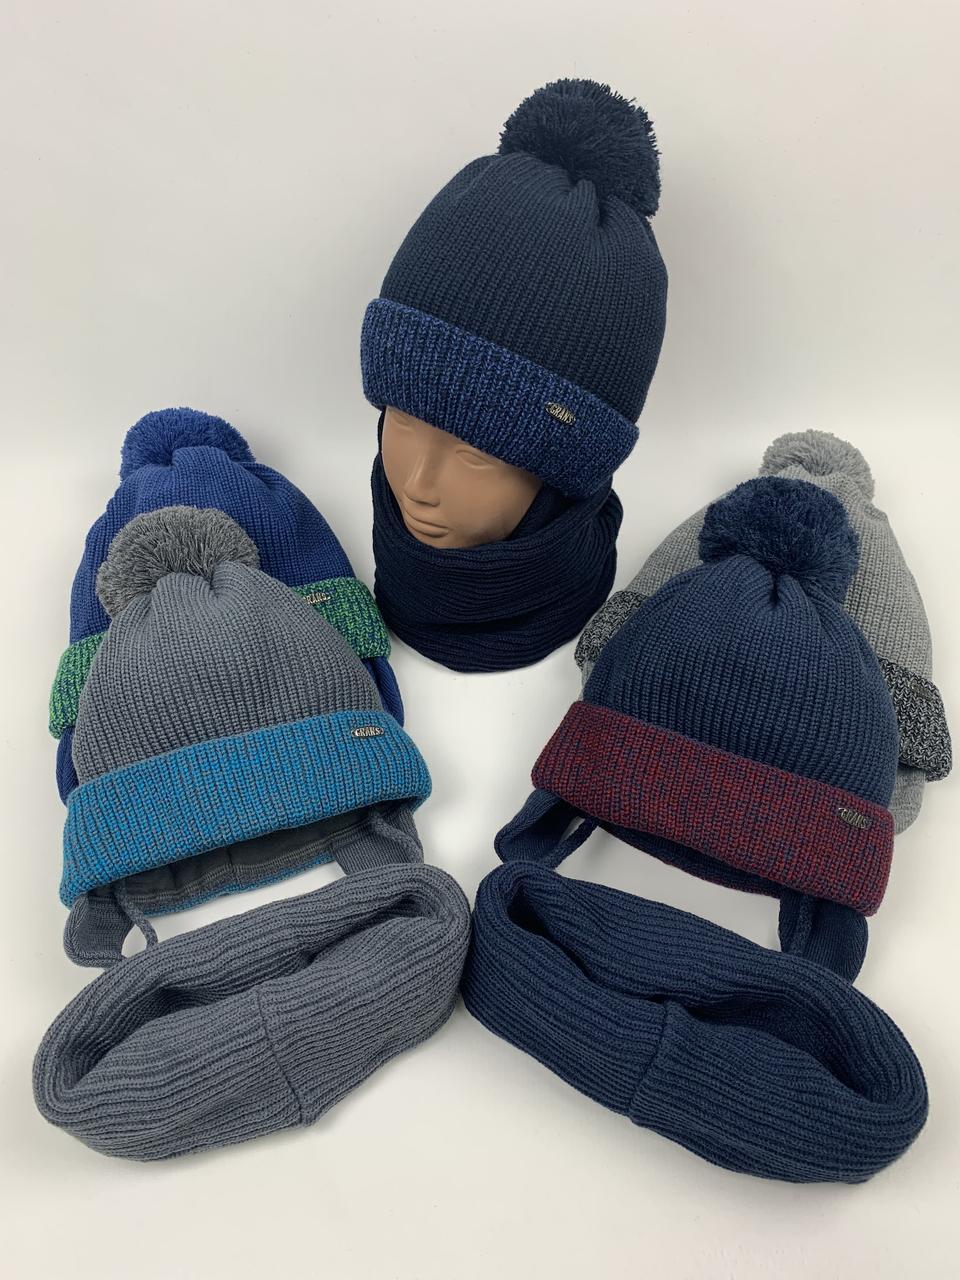 Детские утепленные вязаные шапки оптом с шарфом, завязками и помпоном для мальчиков, р.50-52, Grans (Польша)